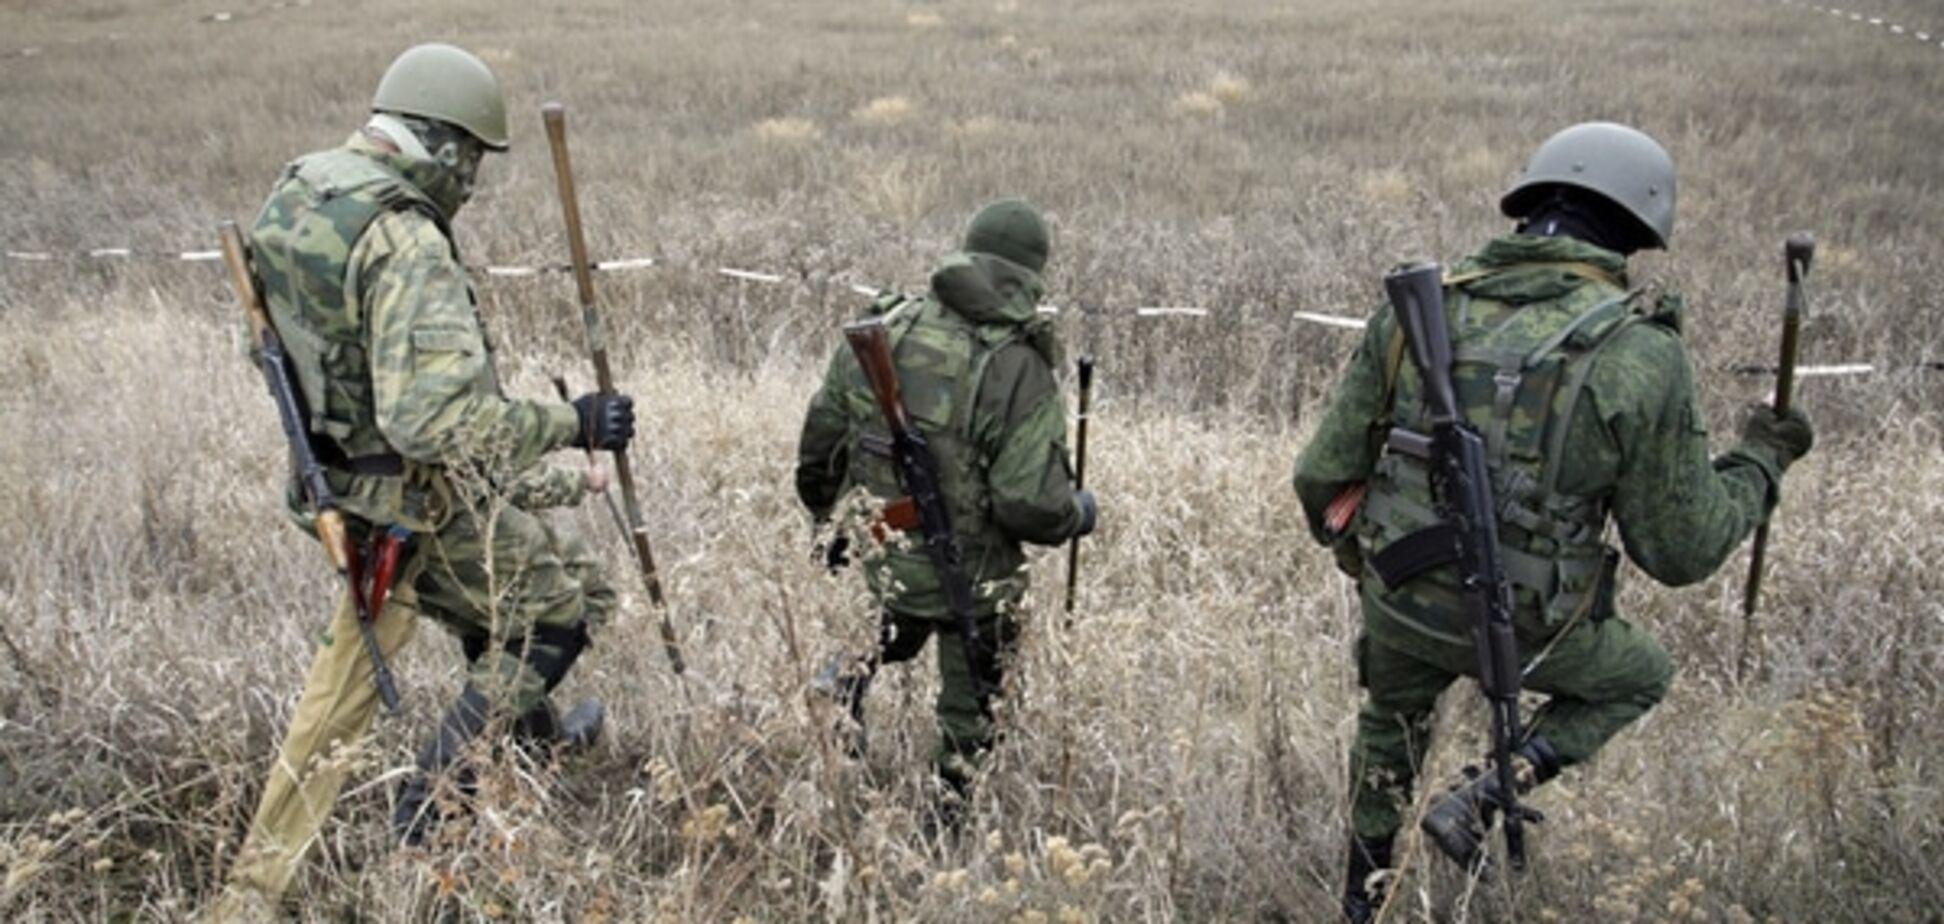 Россия существенно сократила финансирование террористов 'ЛНР' и 'ДНР' – данные разведки